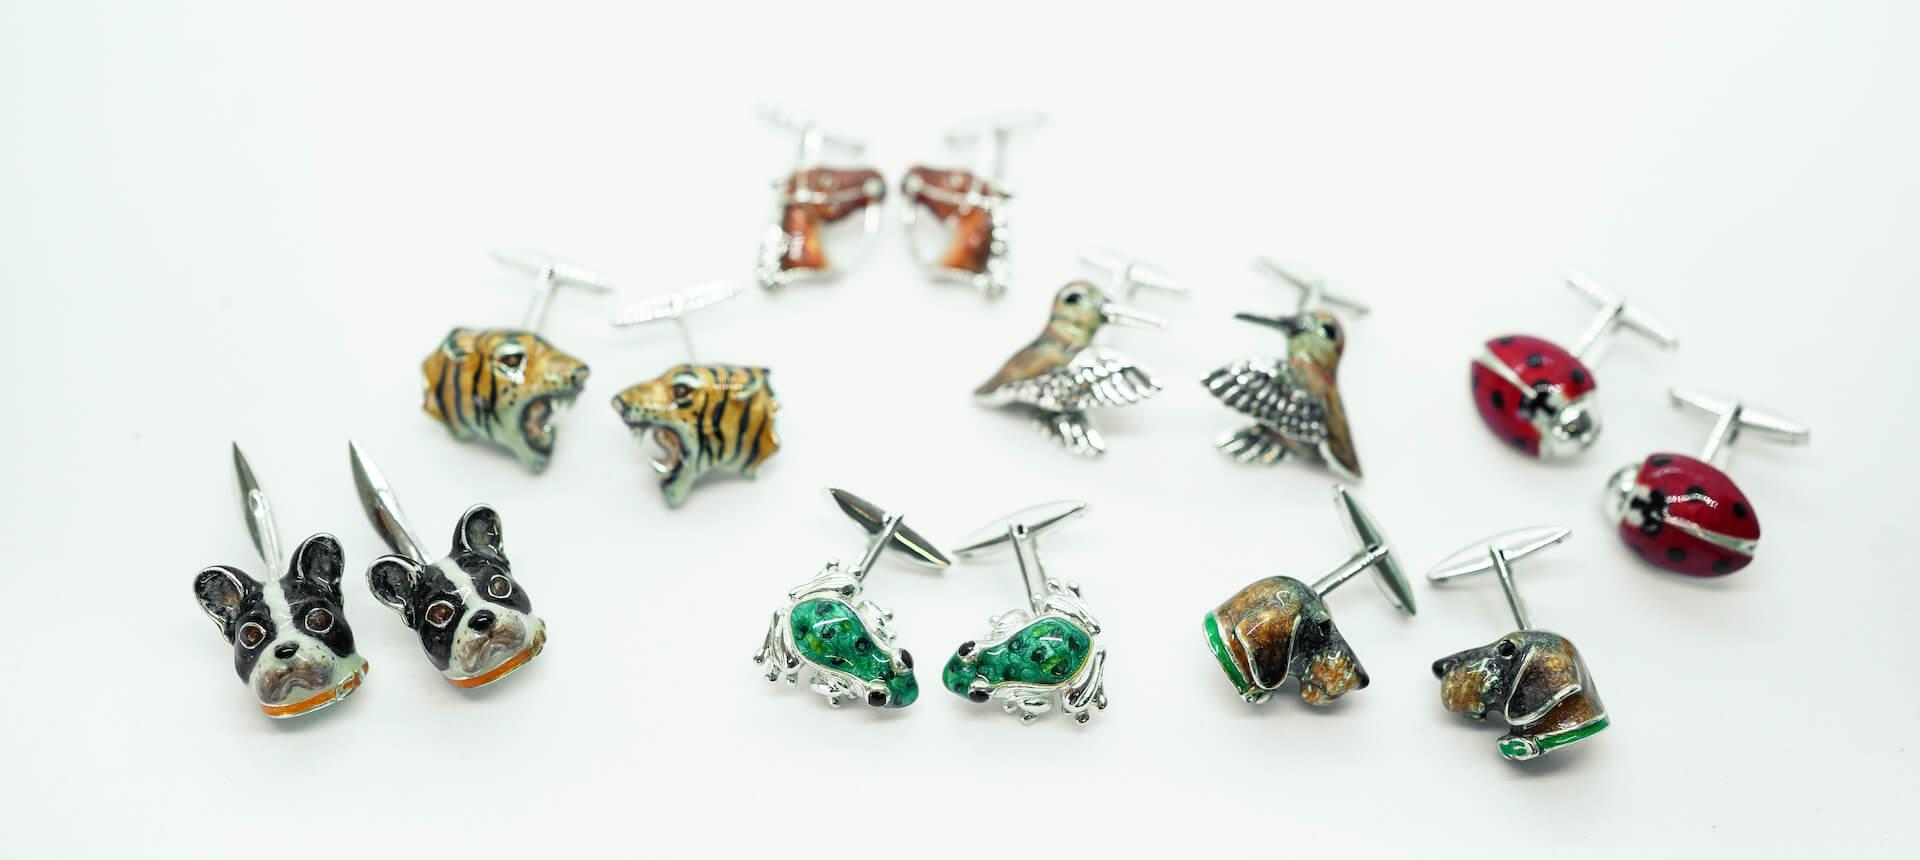 Enamelled cufflinks